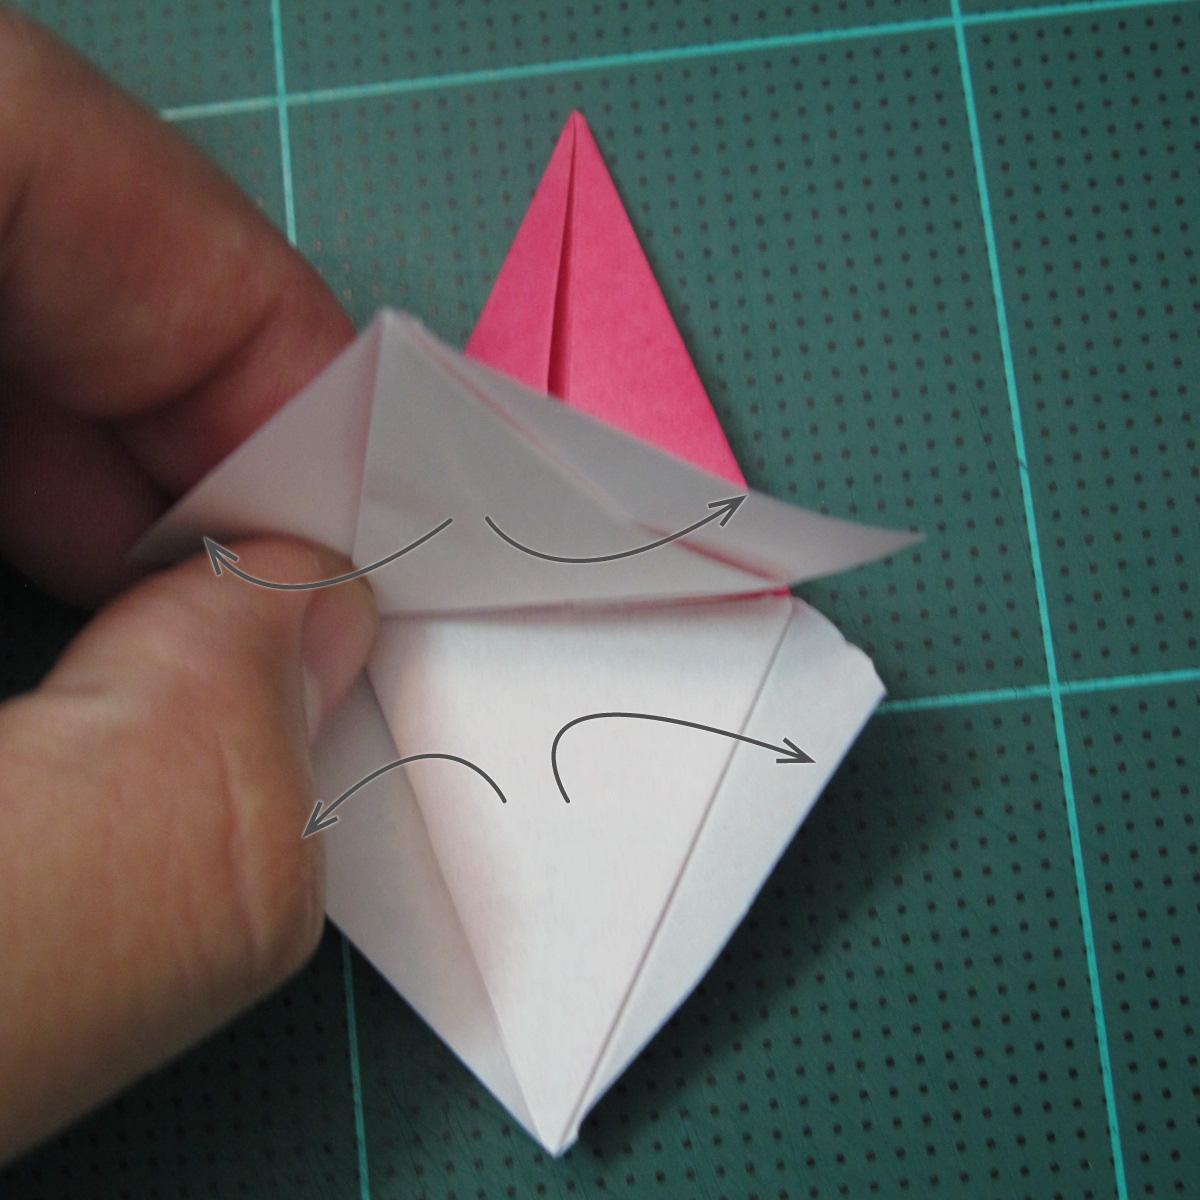 การพับกระดาษแบบโมดูล่าเป็นดาวสปาราซิส (Modular Origami Sparaxis Star) 010